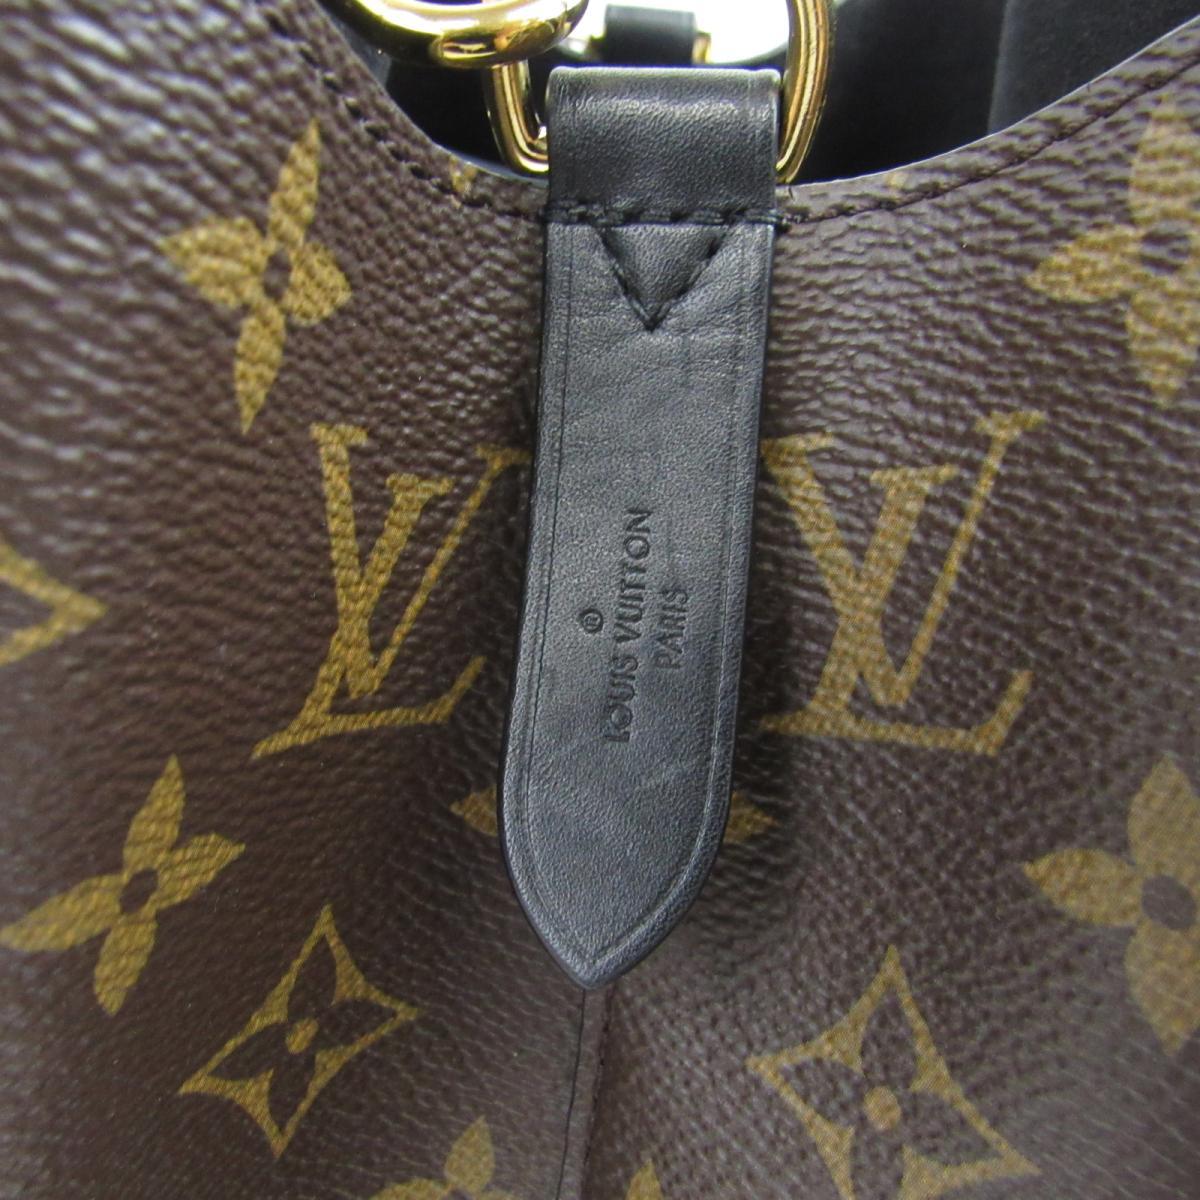 LOUIS VUITTON バッグ M44020 ネオノエ ショルダーバッグ レディース